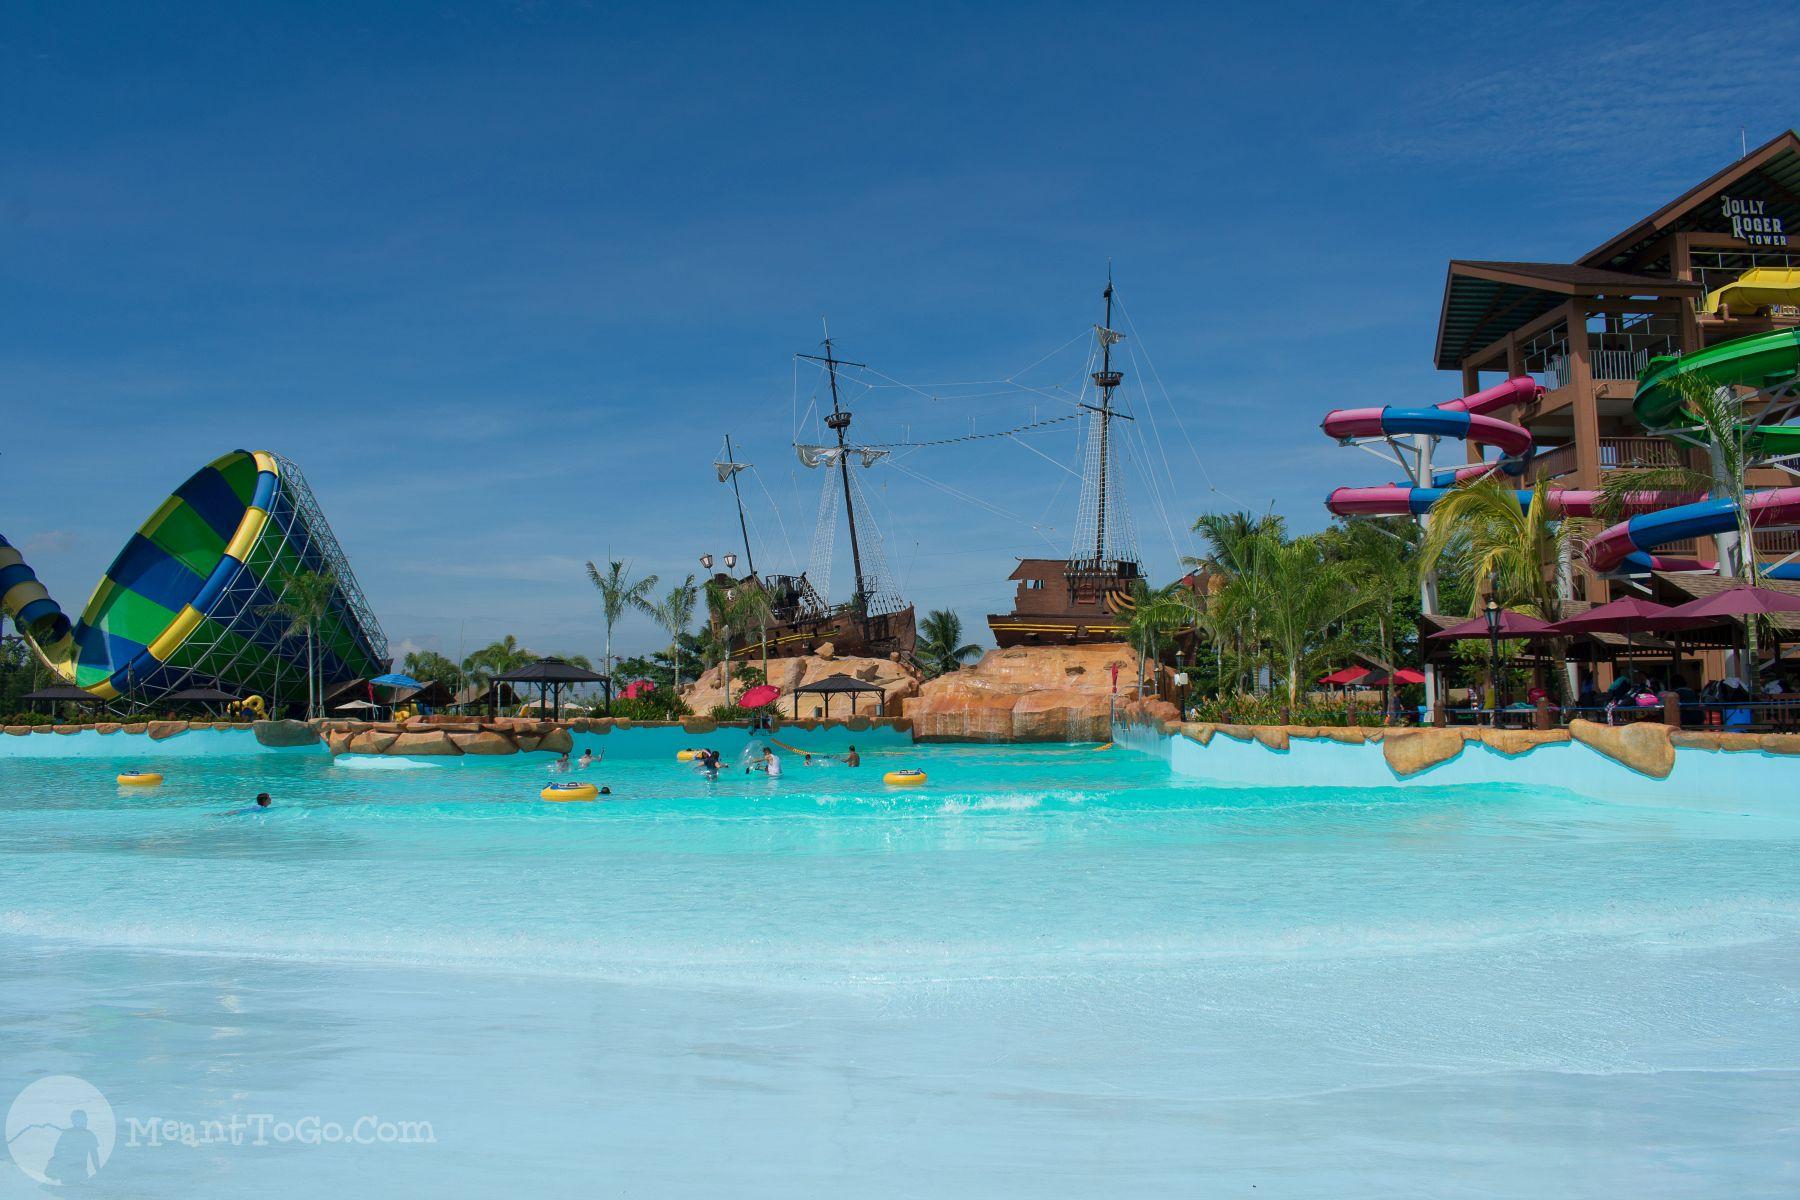 Buccaneer Bay, Seven Seas Waterpark & Resort, Opol, Misamins Oriental